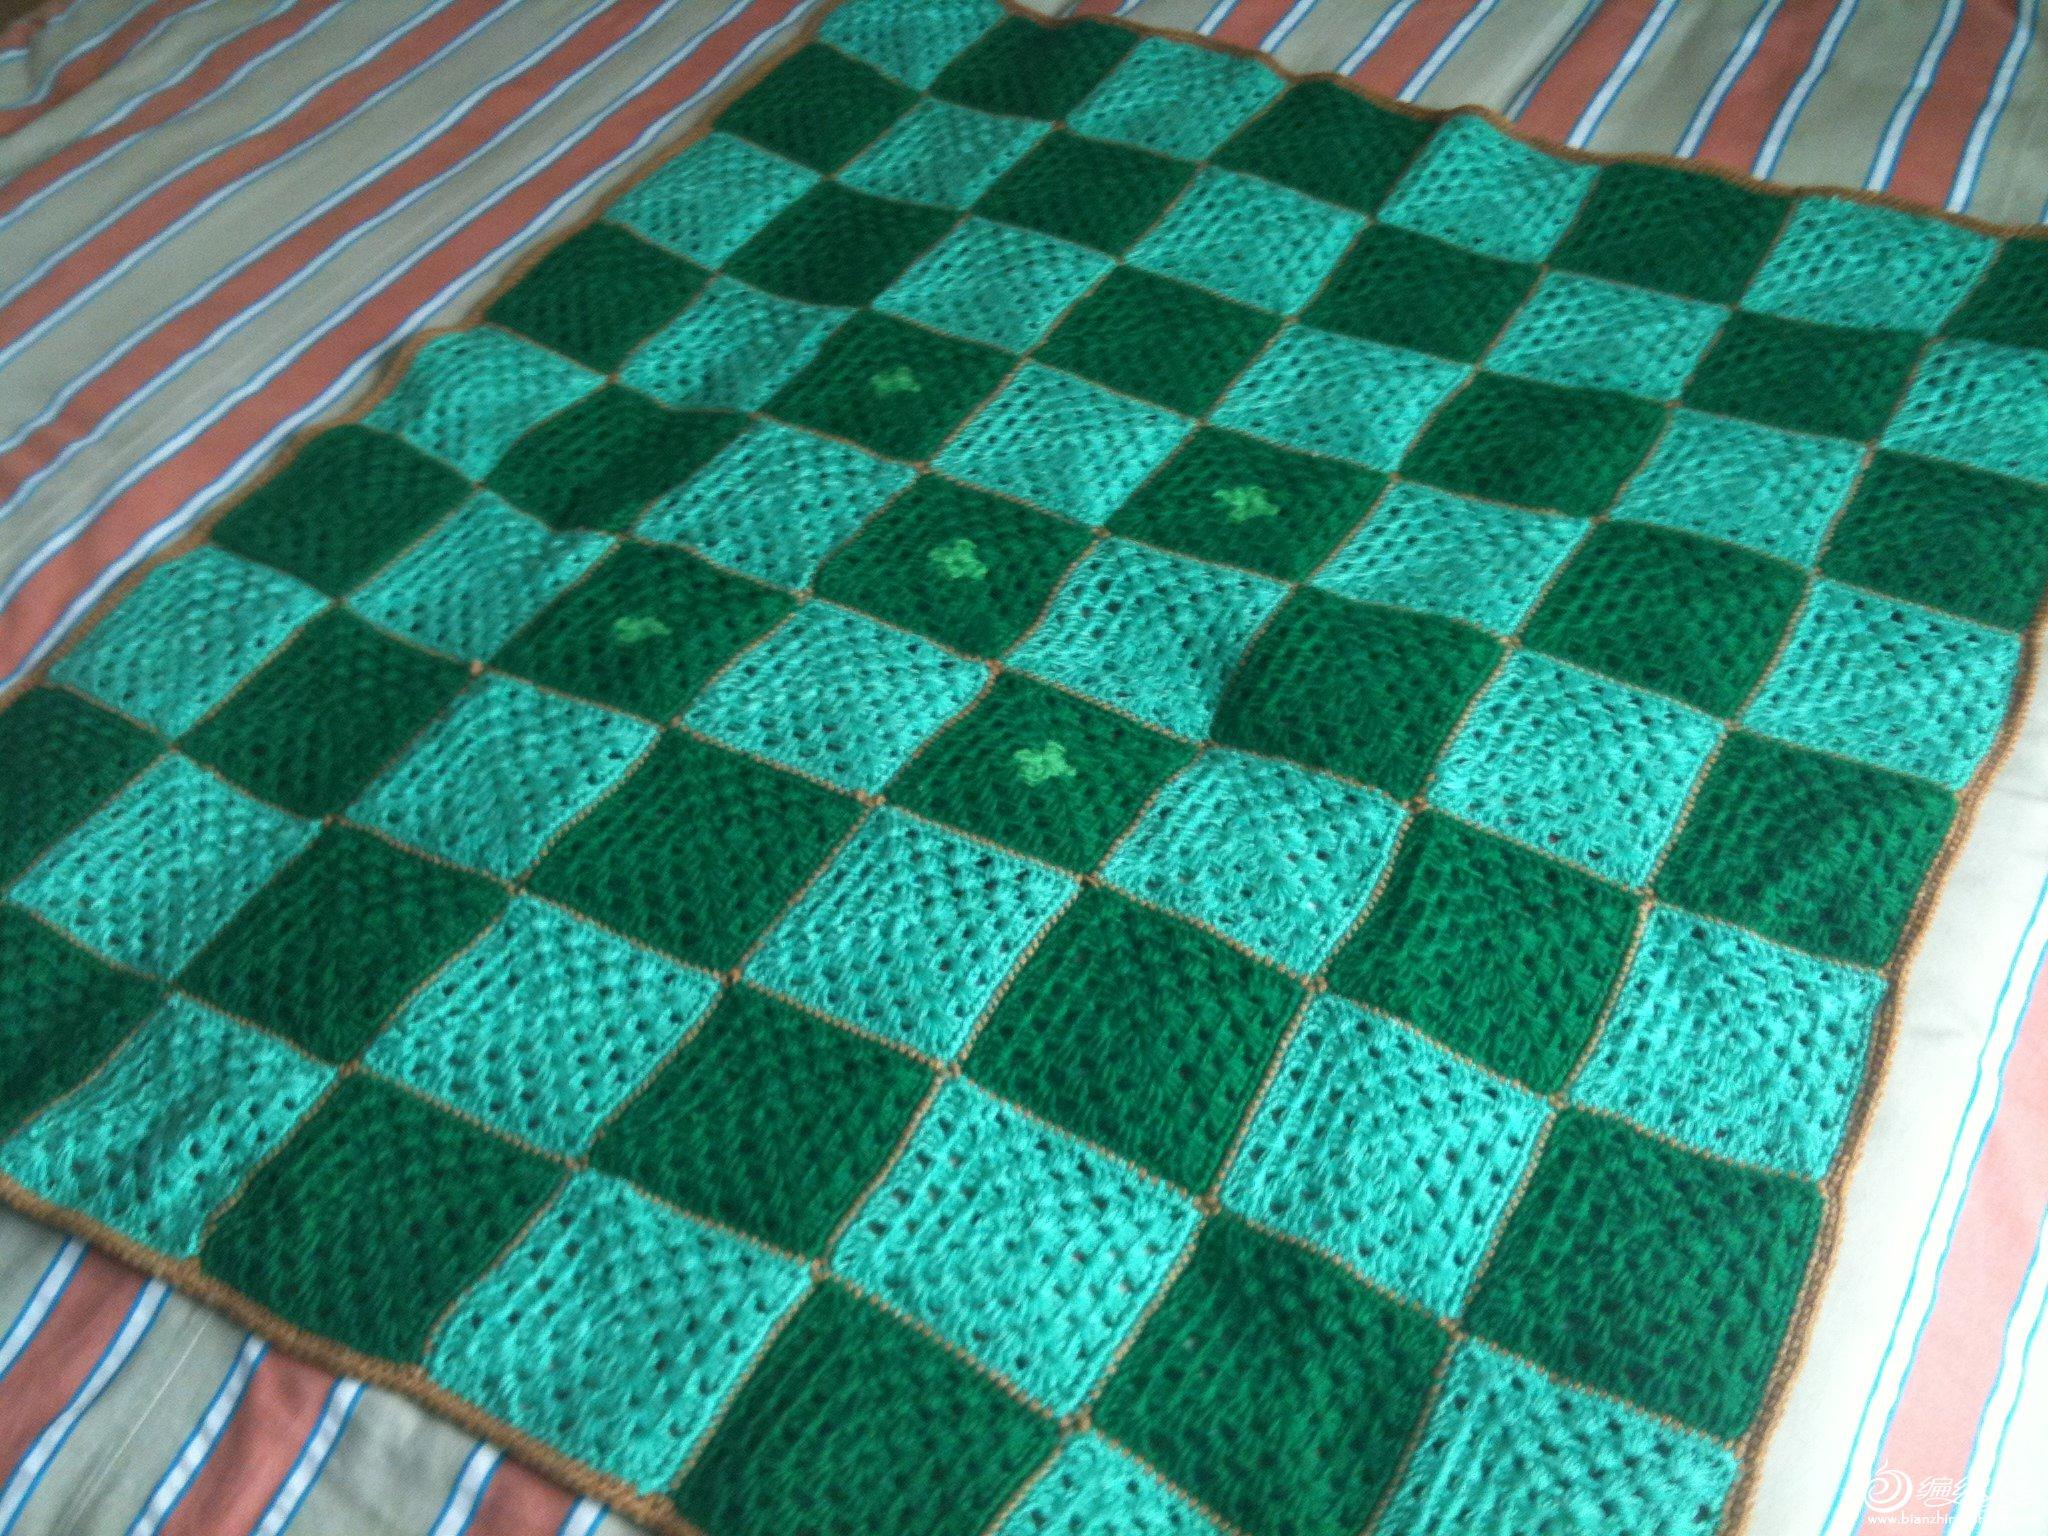 春意盎然--小毛毯 002.jpg